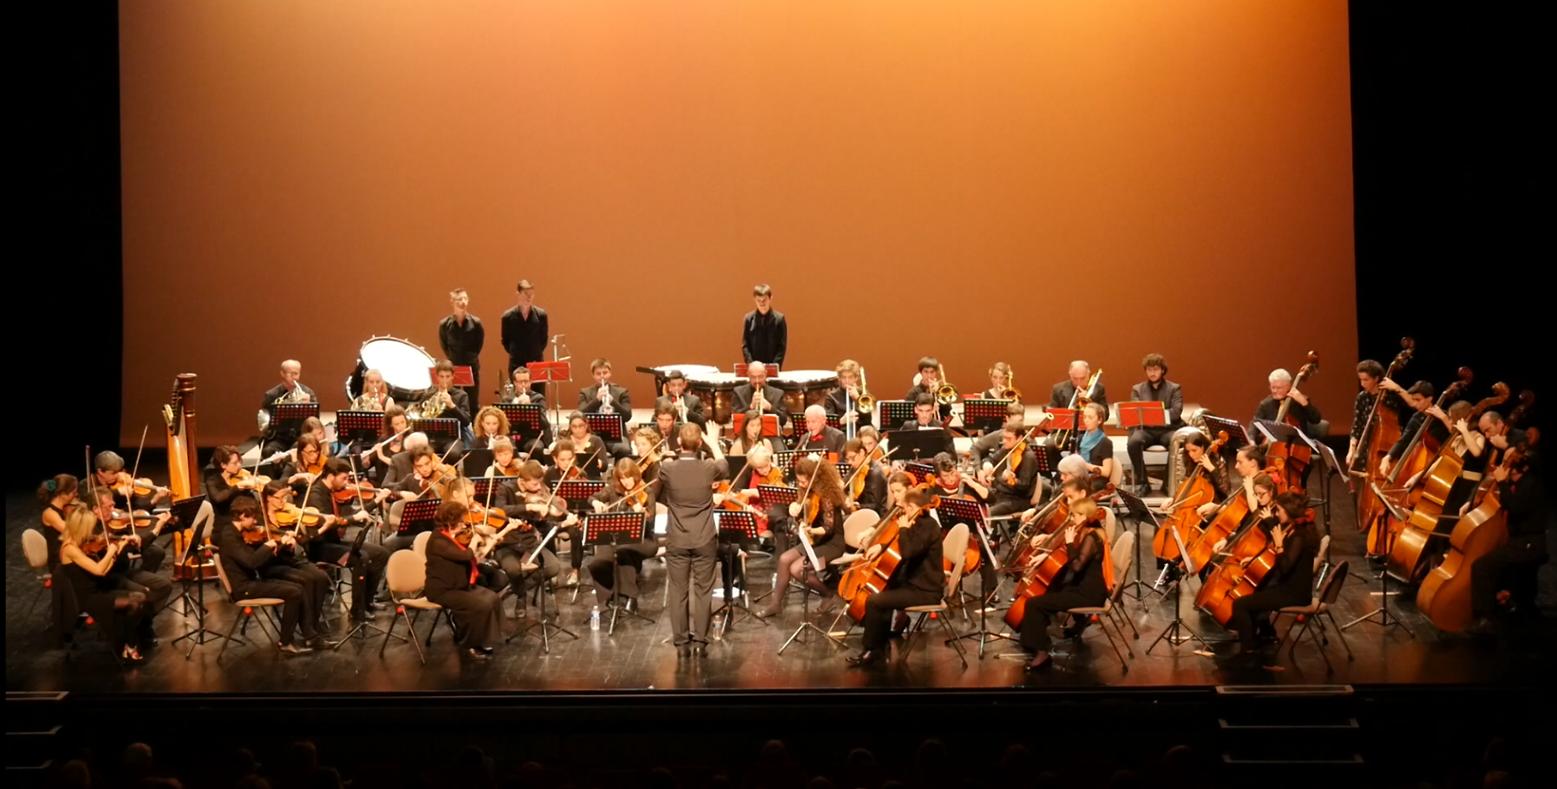 Un public enthousiaste ovationne le succès du nouvel orchestre biarrot